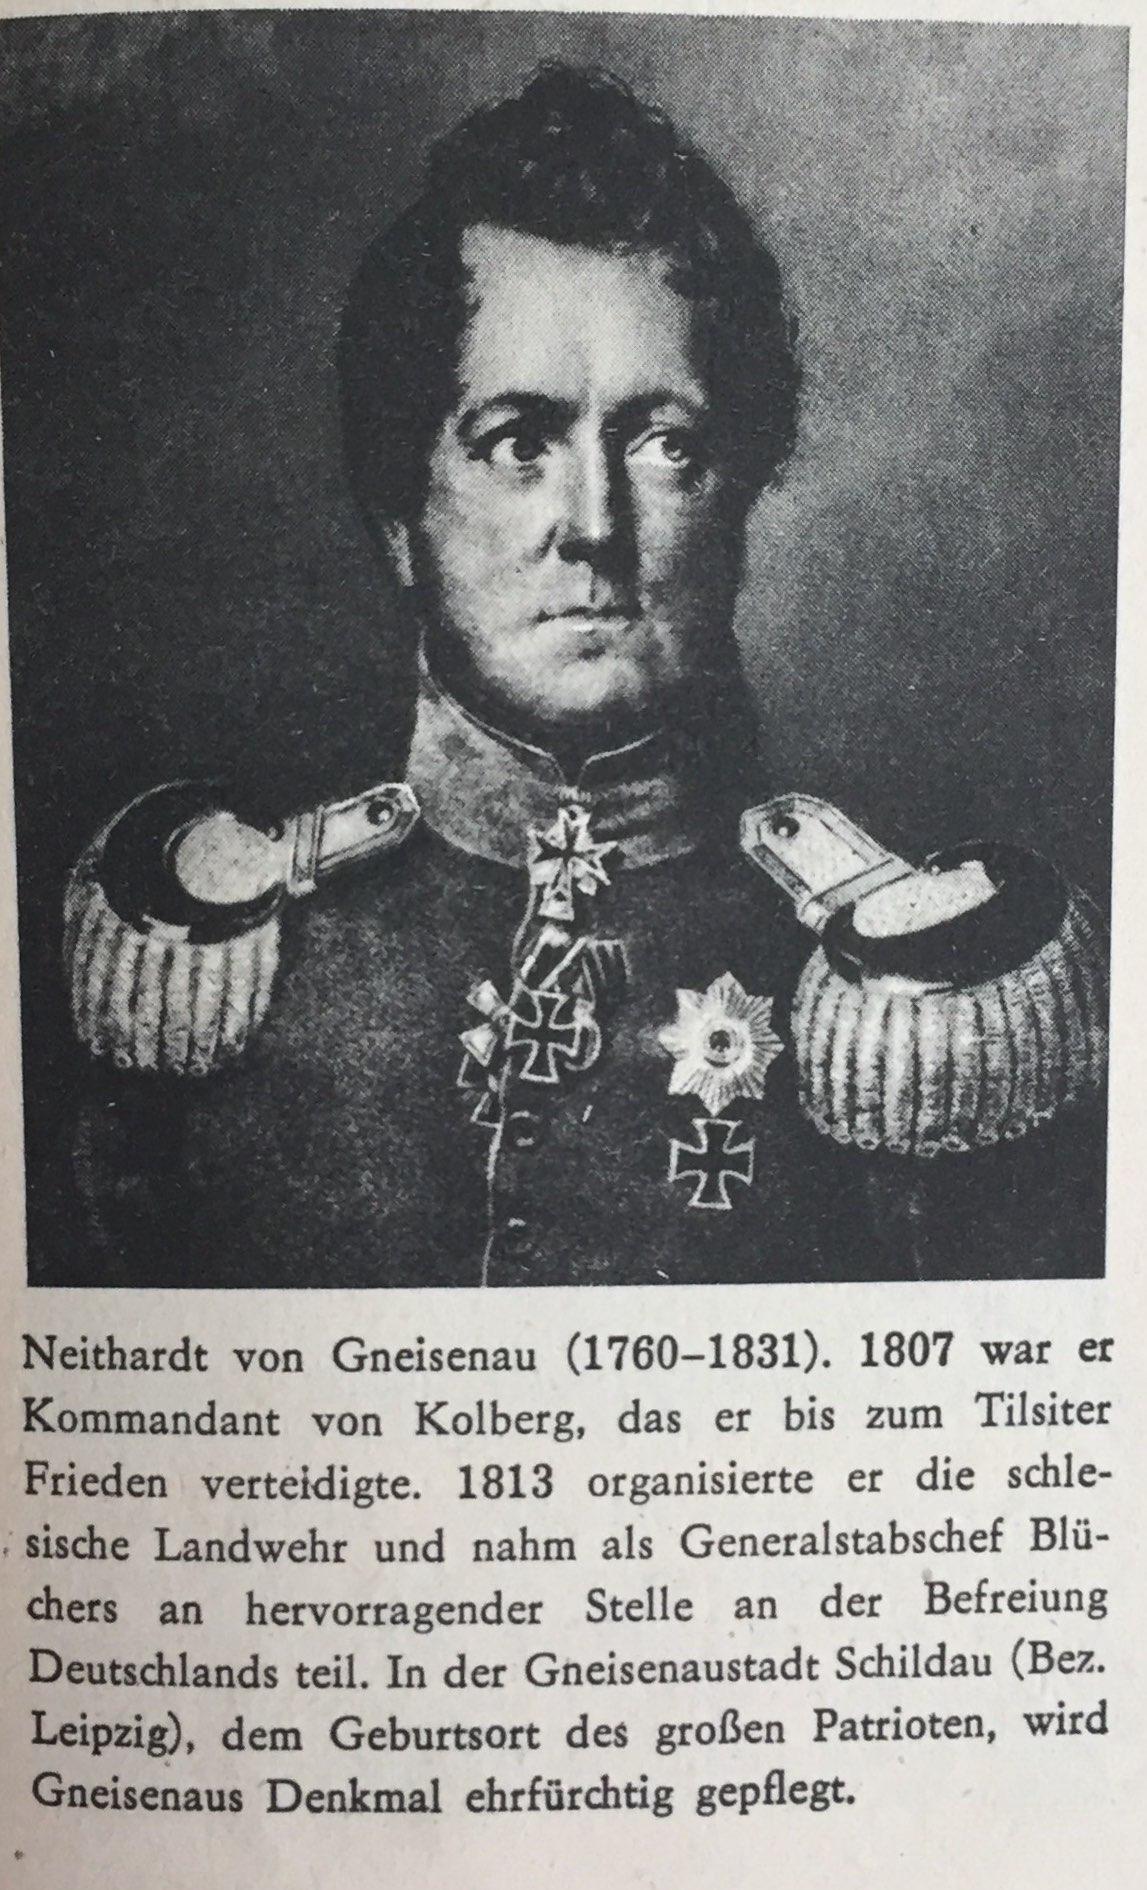 August Neidhardt von Gneisenau